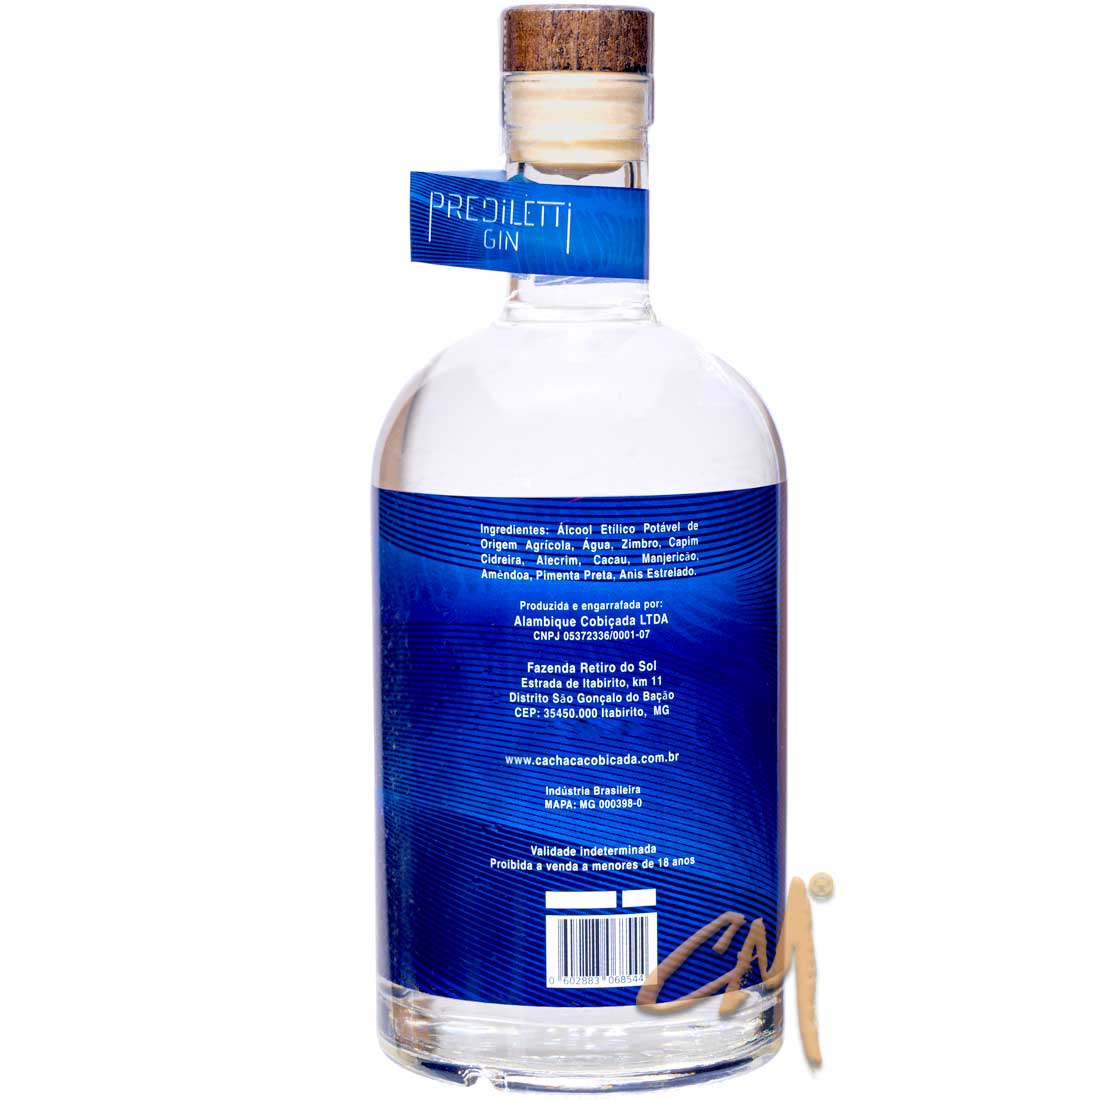 Gin Prediletti 750 ml (São Gonçalo do Bação - MG)